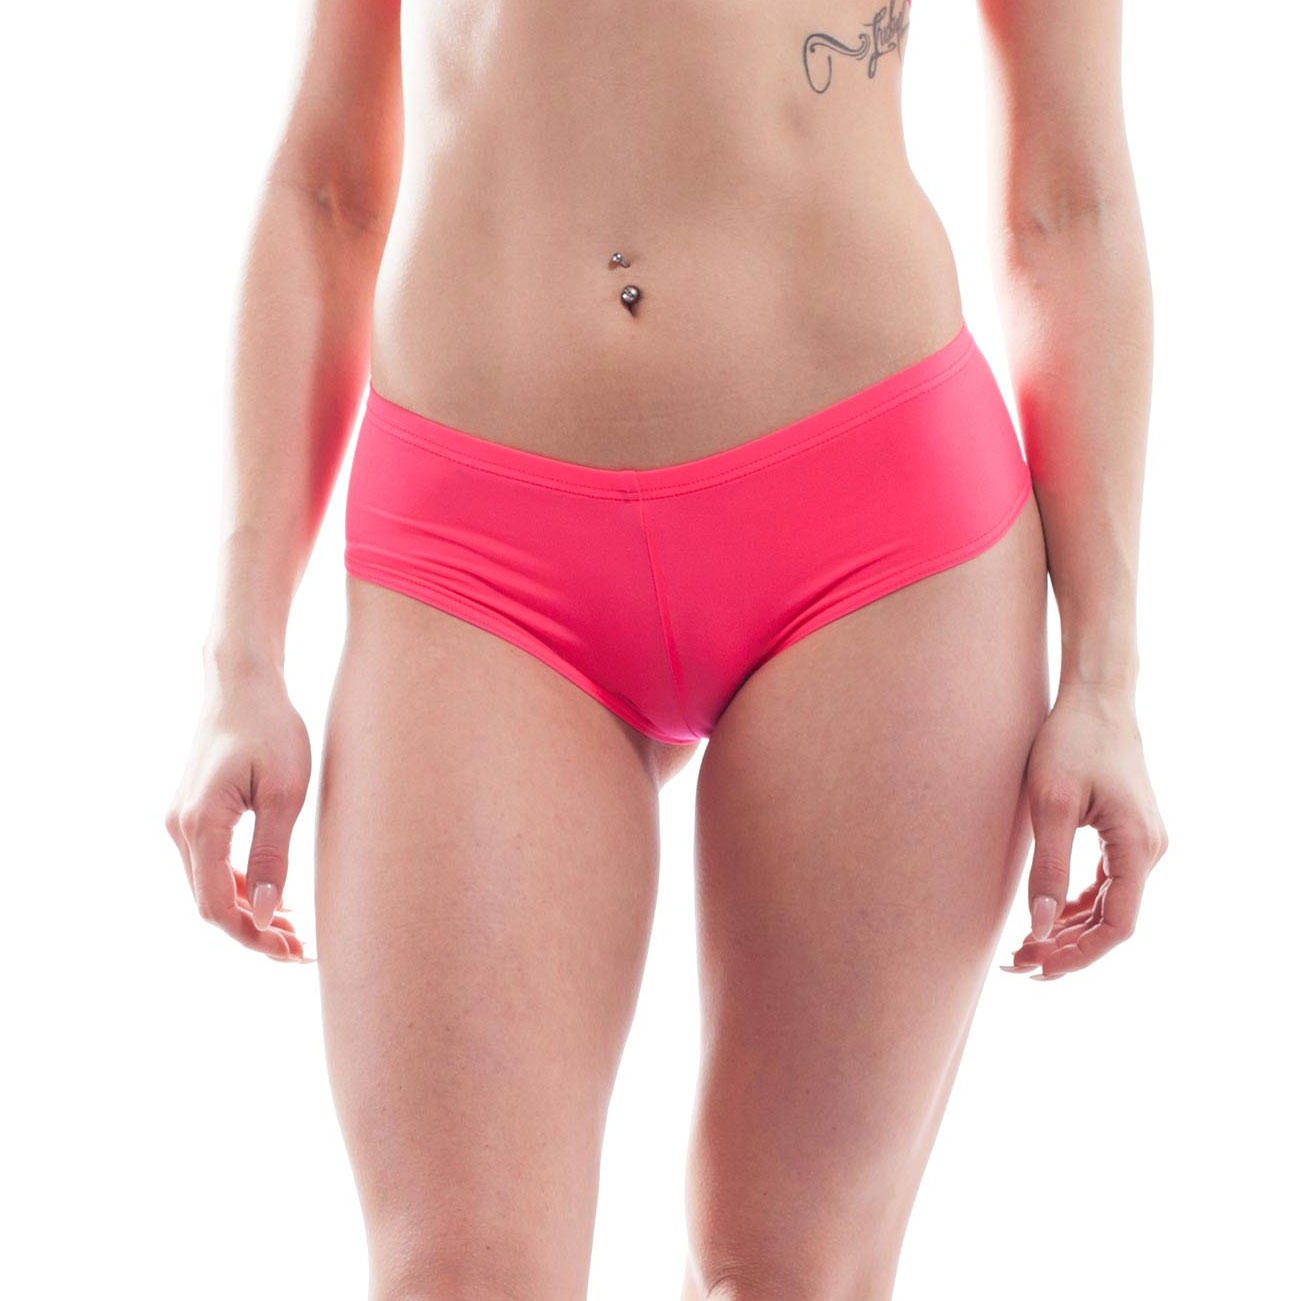 Immer vorrätig, denn die BEUN Damen Hotpants320F8C ist Never-Out-of-Stock und gehört damit zu den Wojoer NOS-Produkten. Größen Erhältlich in den Größen S, M, L, XL Materialzusammensetzung BEUN: 82% Polyamid, 18% Elasthan Besonderheiten NOS Produkt | badetauglich | seidenmatte Oberflächenoptik | leicht transparent | luftig | schnell…